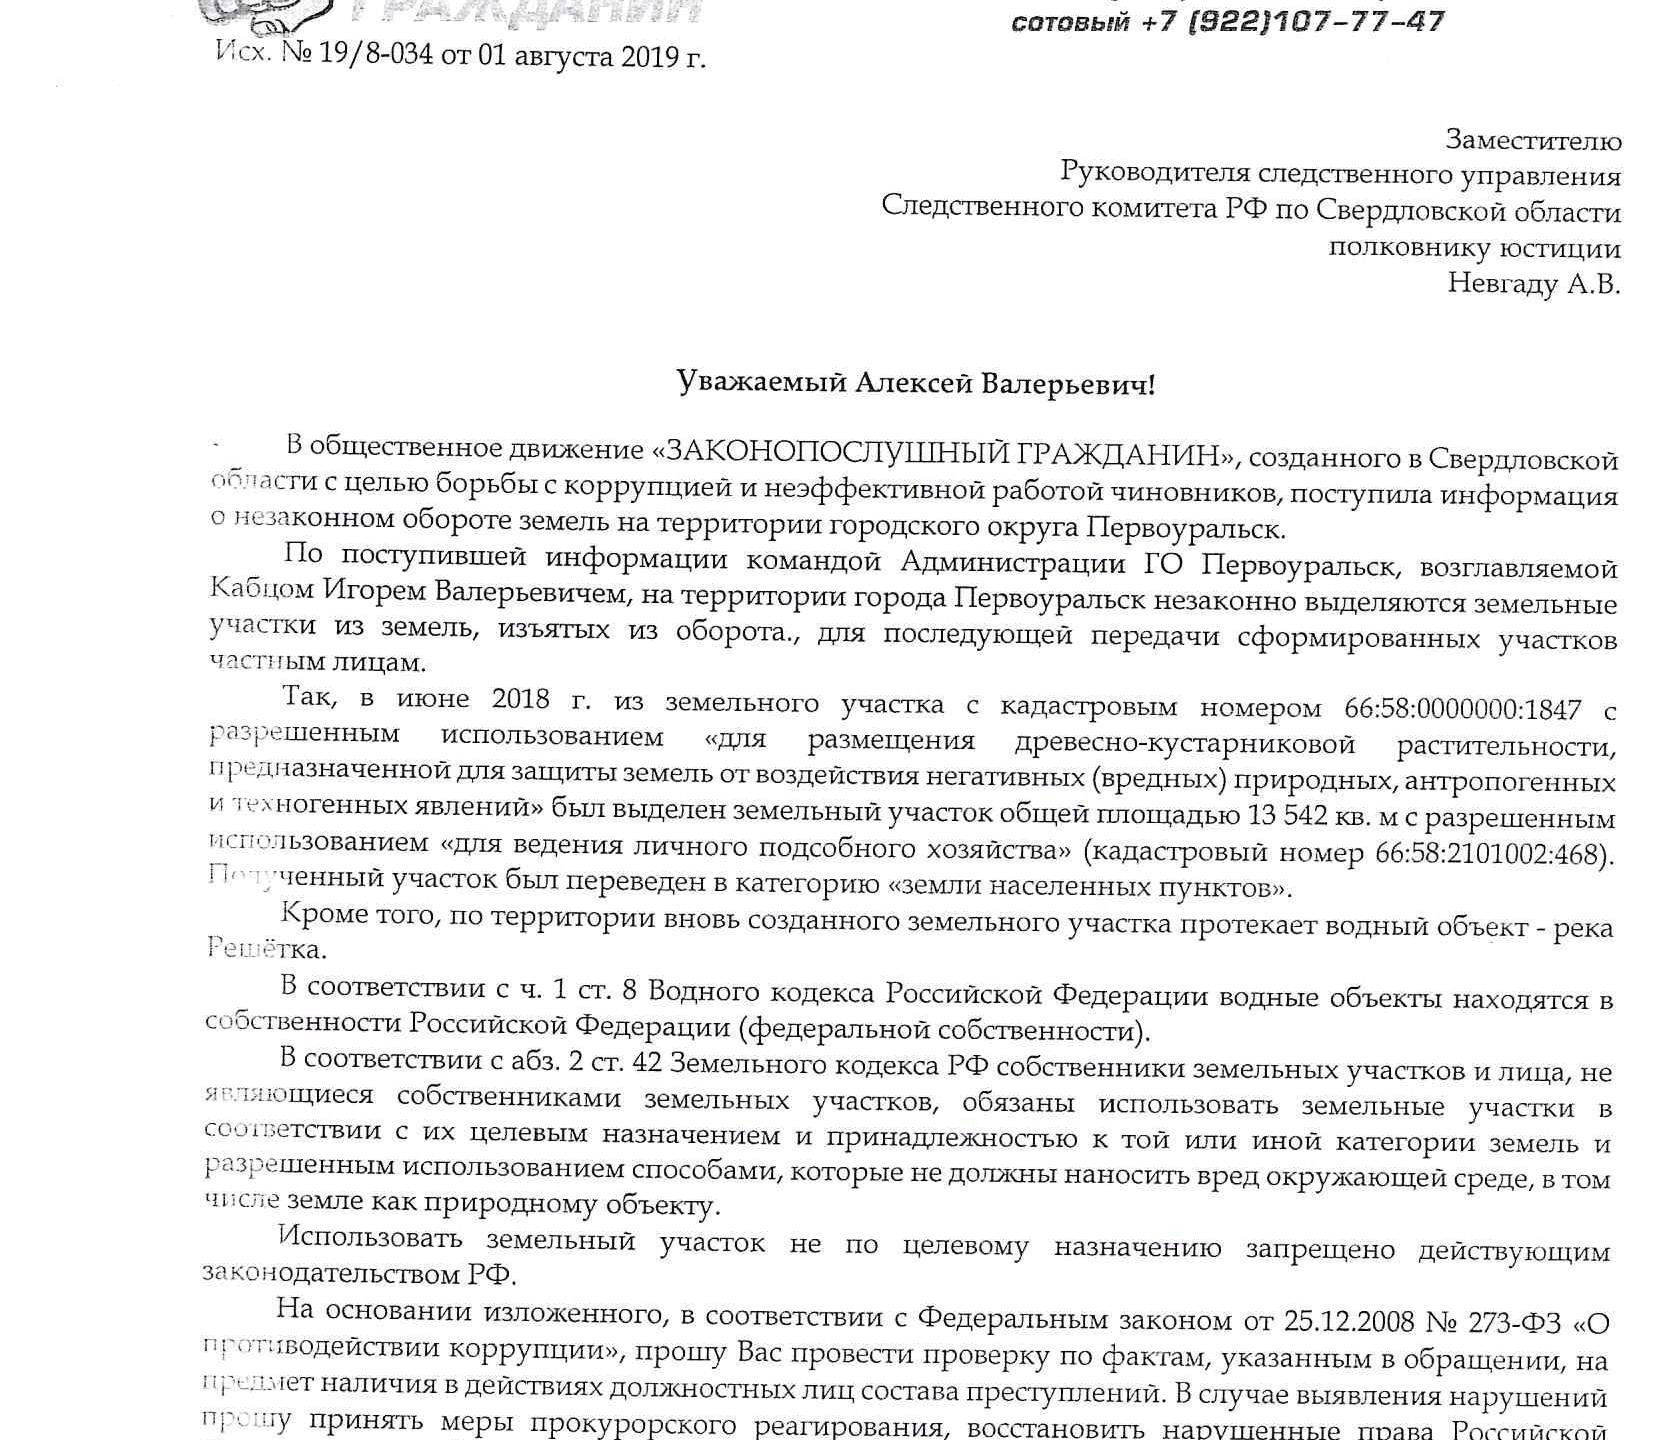 Обращение 19 8-034 от 01.08.2019 (1)-1